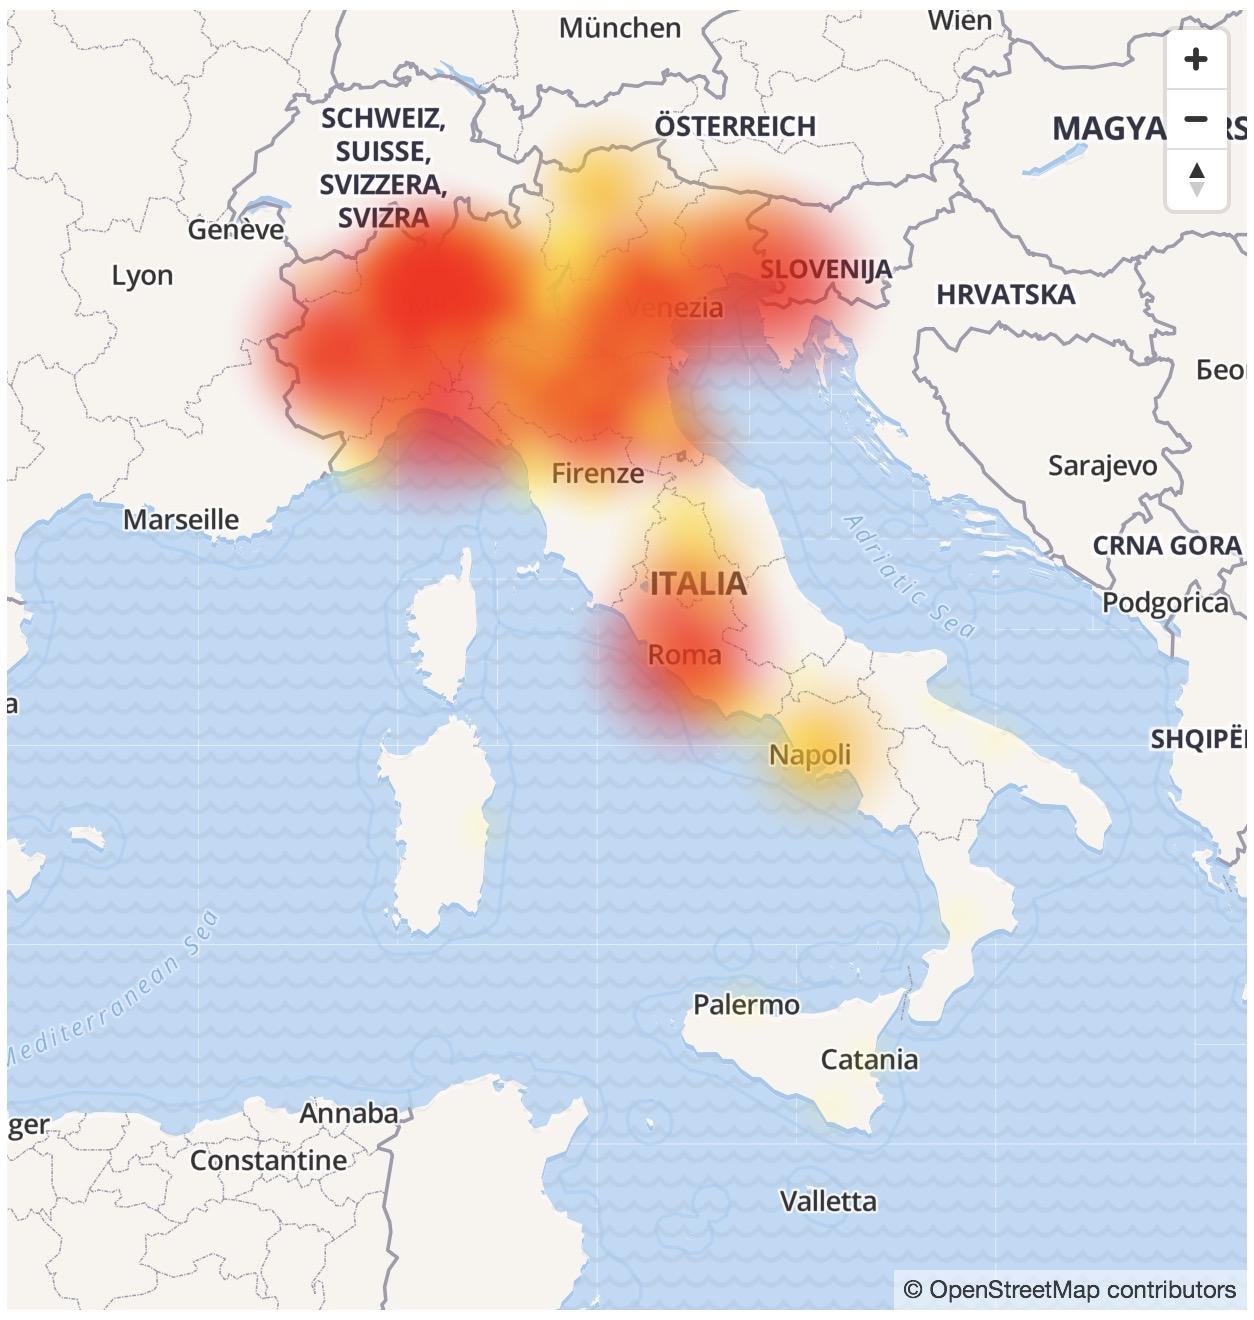 Vodafone problemi 11 luglio